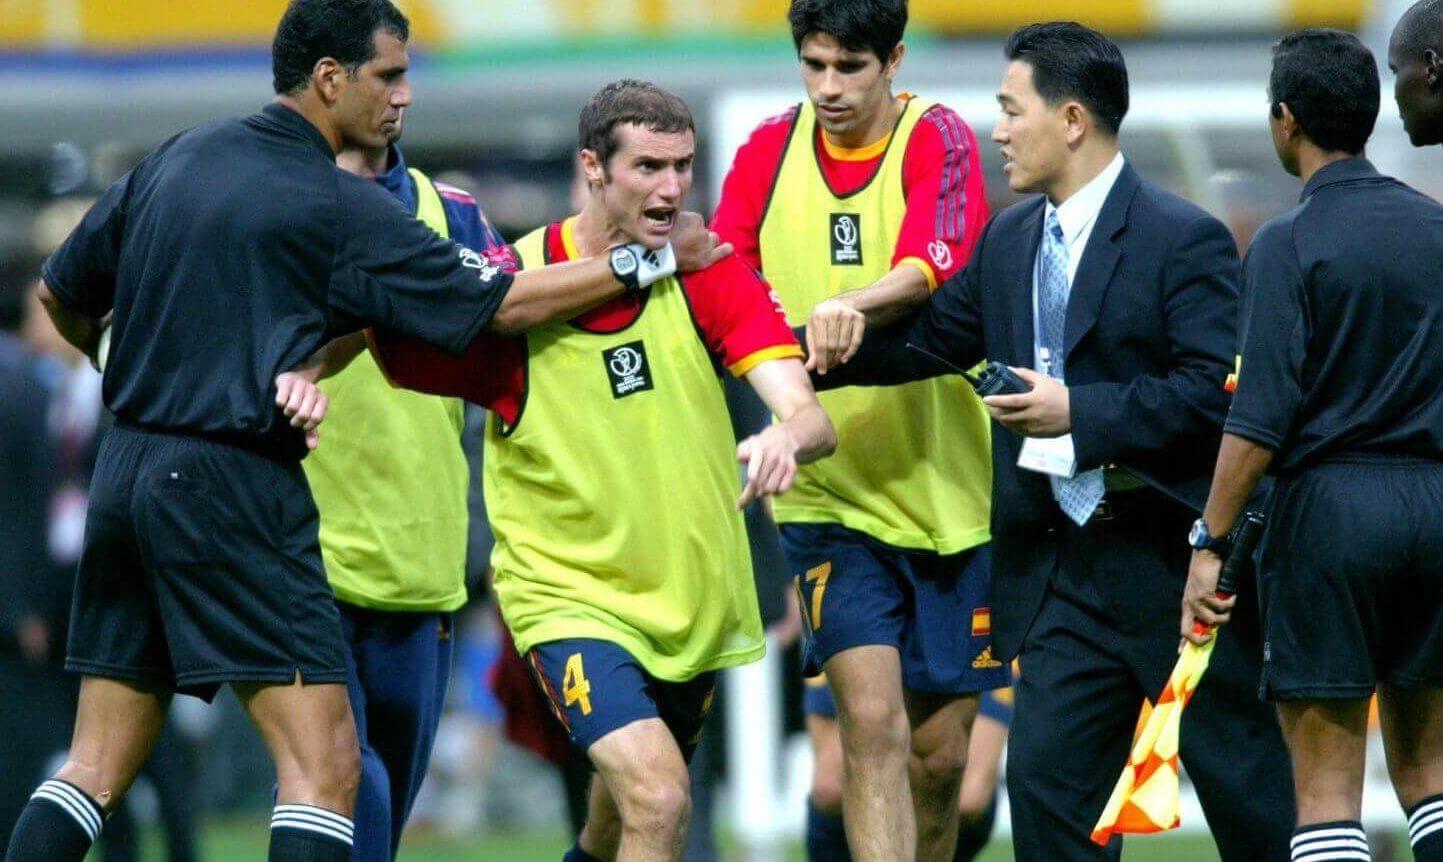 mundial corea y japon 2002 españa corea